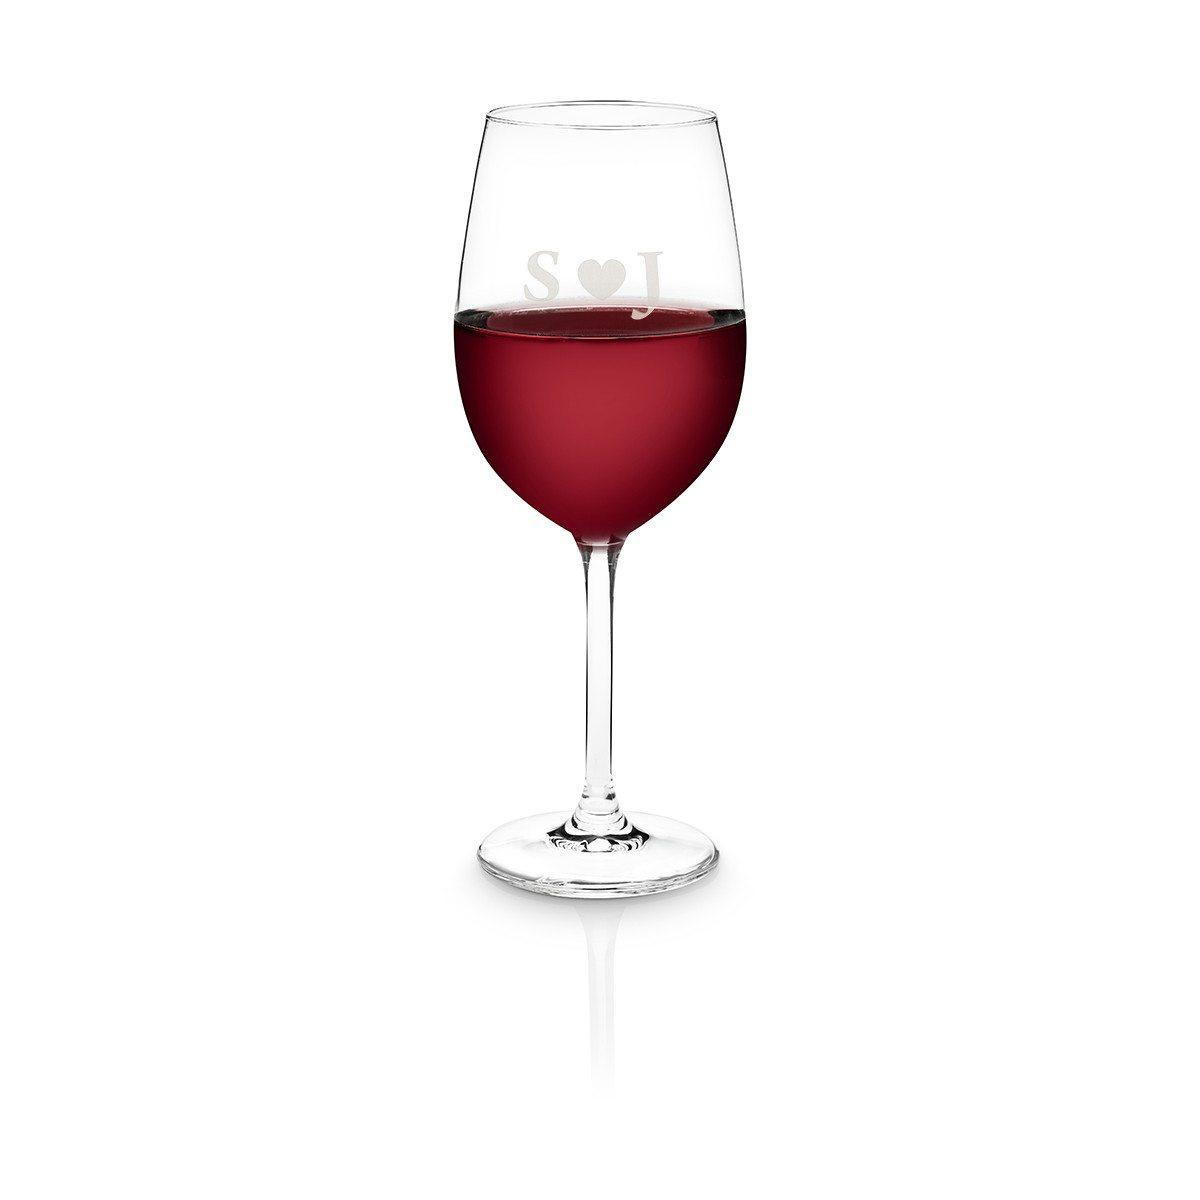 Personalisierbares Rotweinglas von Schott Zwiesel - Herz mit Initialen